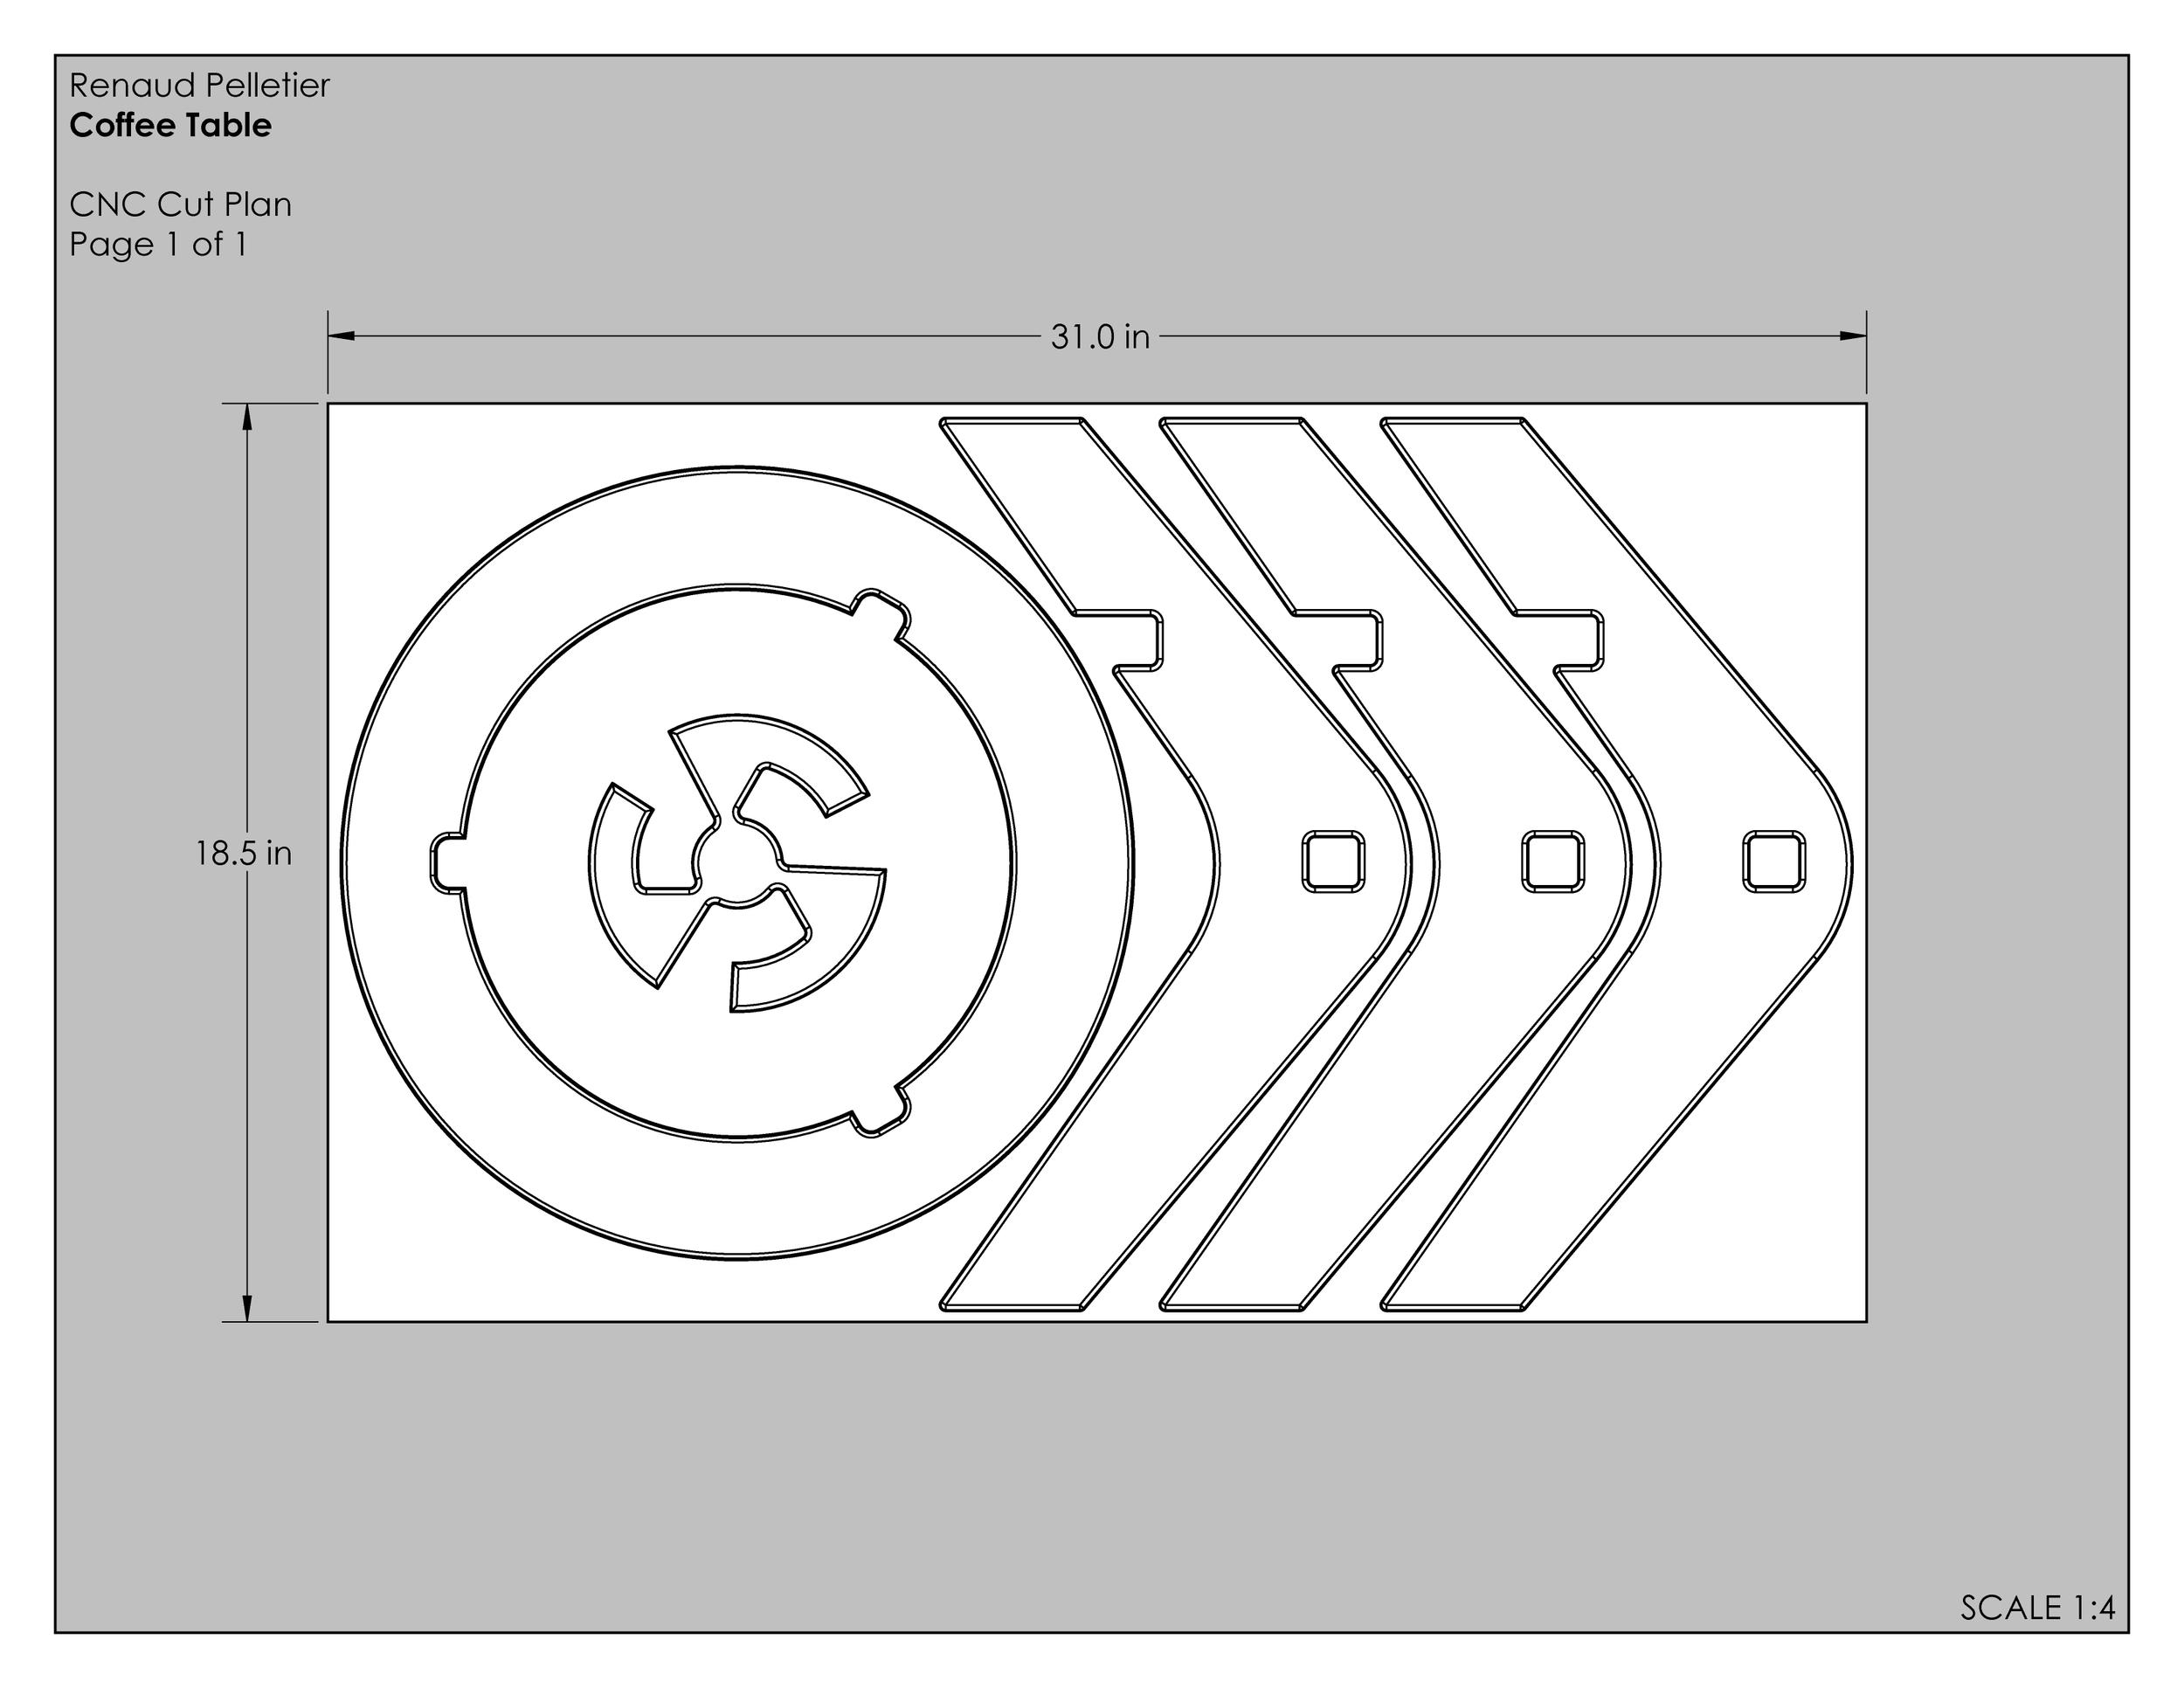 CNC Cut Plan